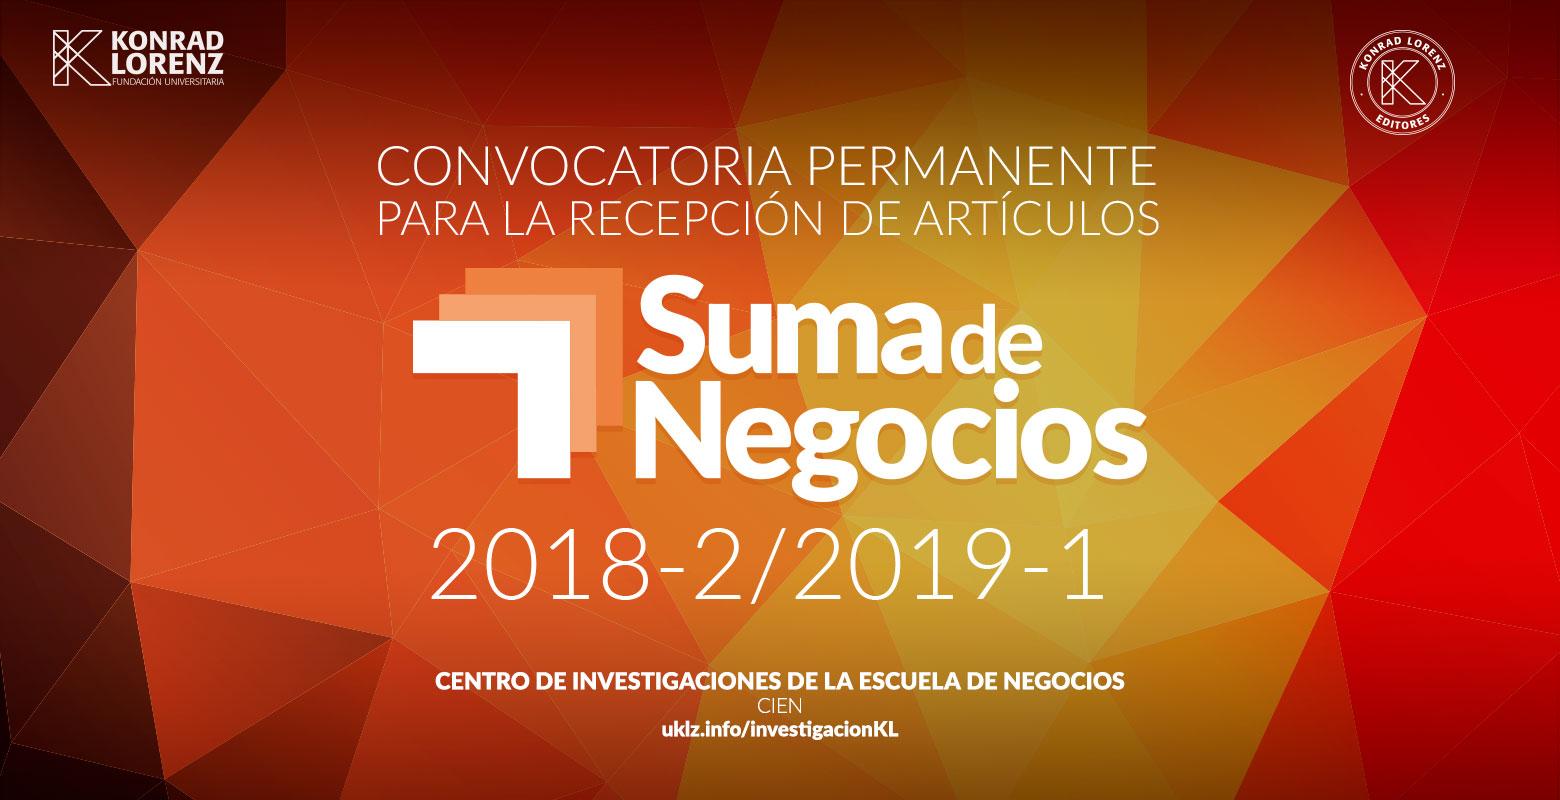 Convocatoria permanente recepción artículos Suma de Negocios 2018-2/2019-1